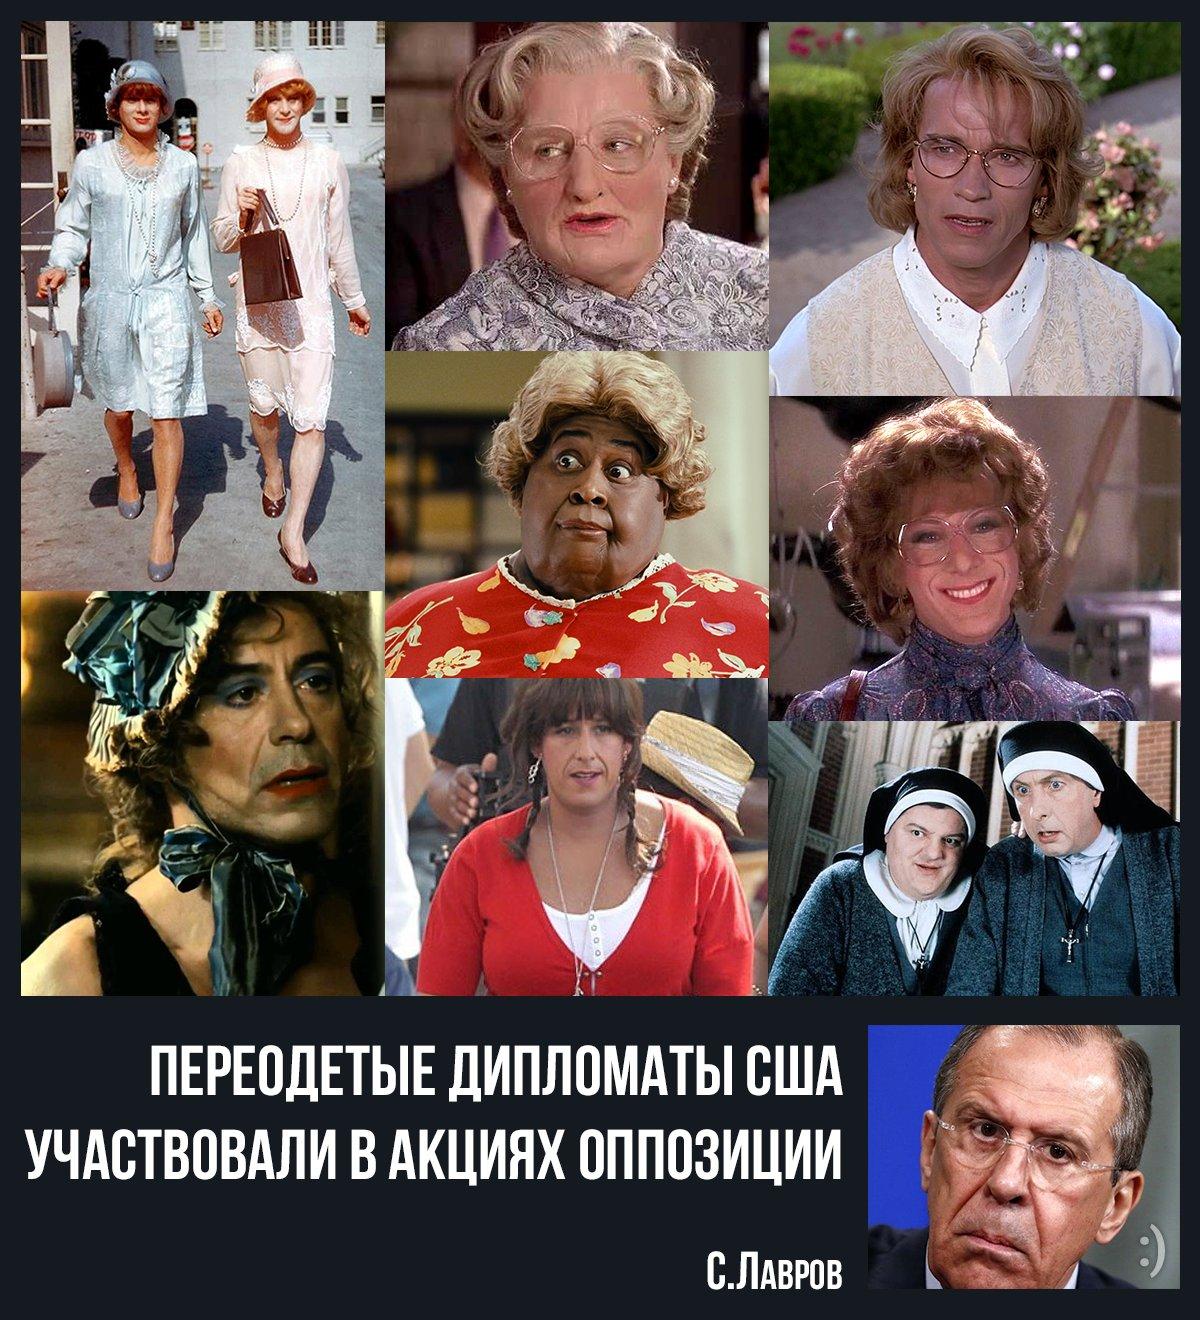 """""""Поддерживаю. Он, видимо, знает, о чем говорит"""", - россияне комментируют высказывание Путина о """"лучших в мире"""" российских проститутках - Цензор.НЕТ 3637"""